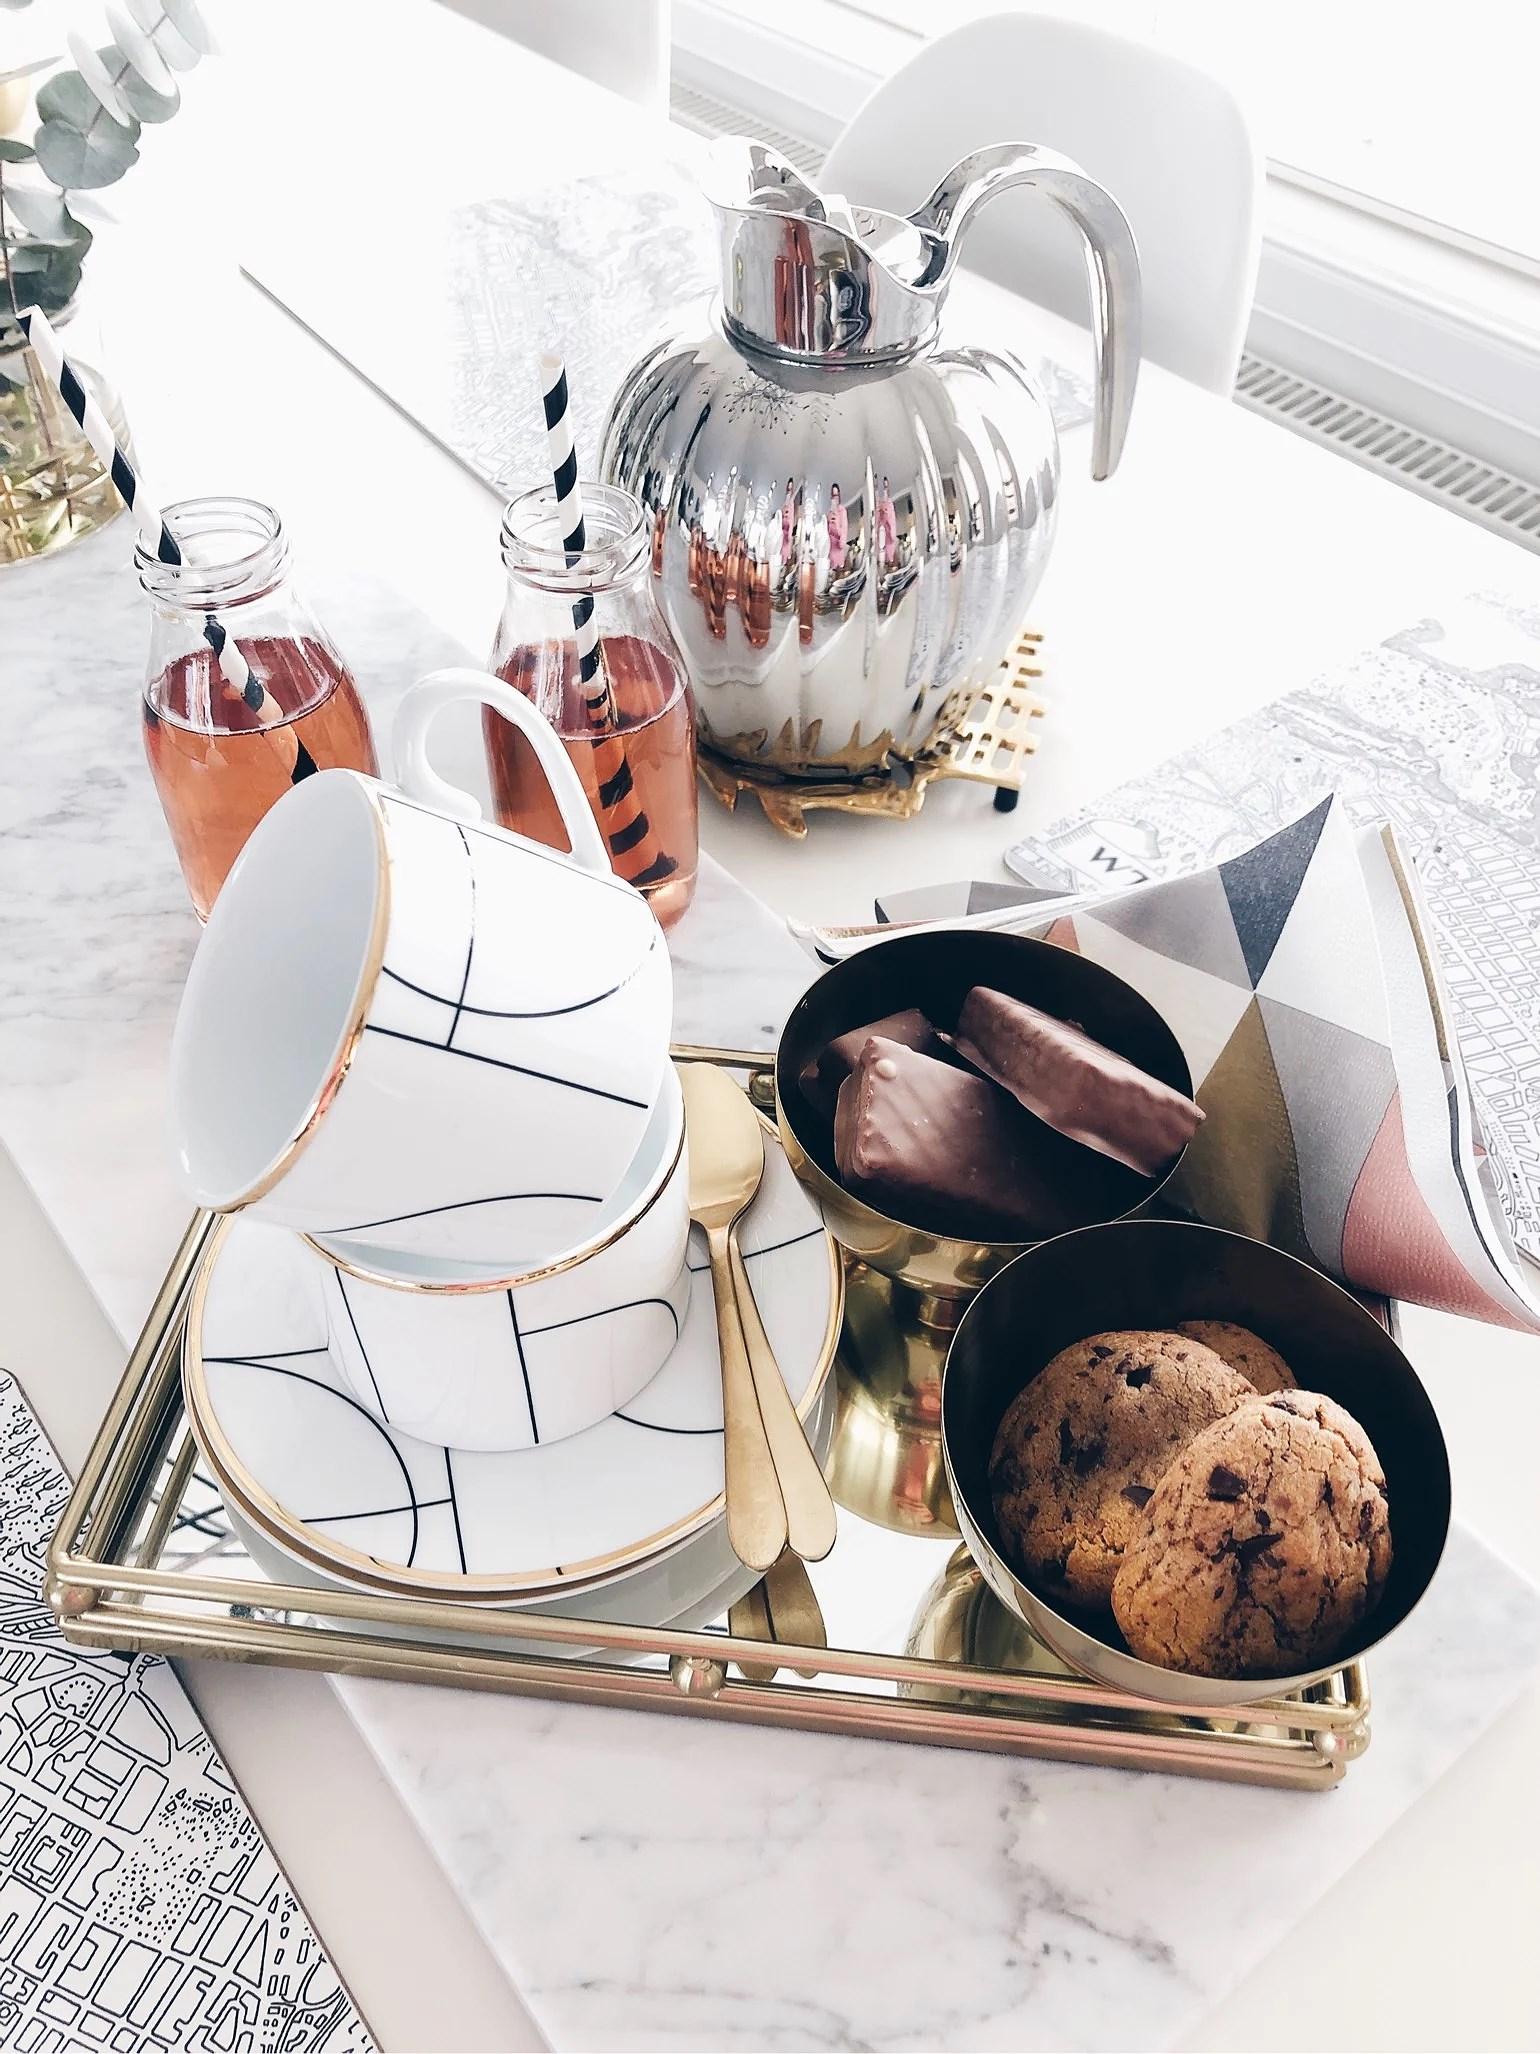 Kexchoklad och Cookies med barnen